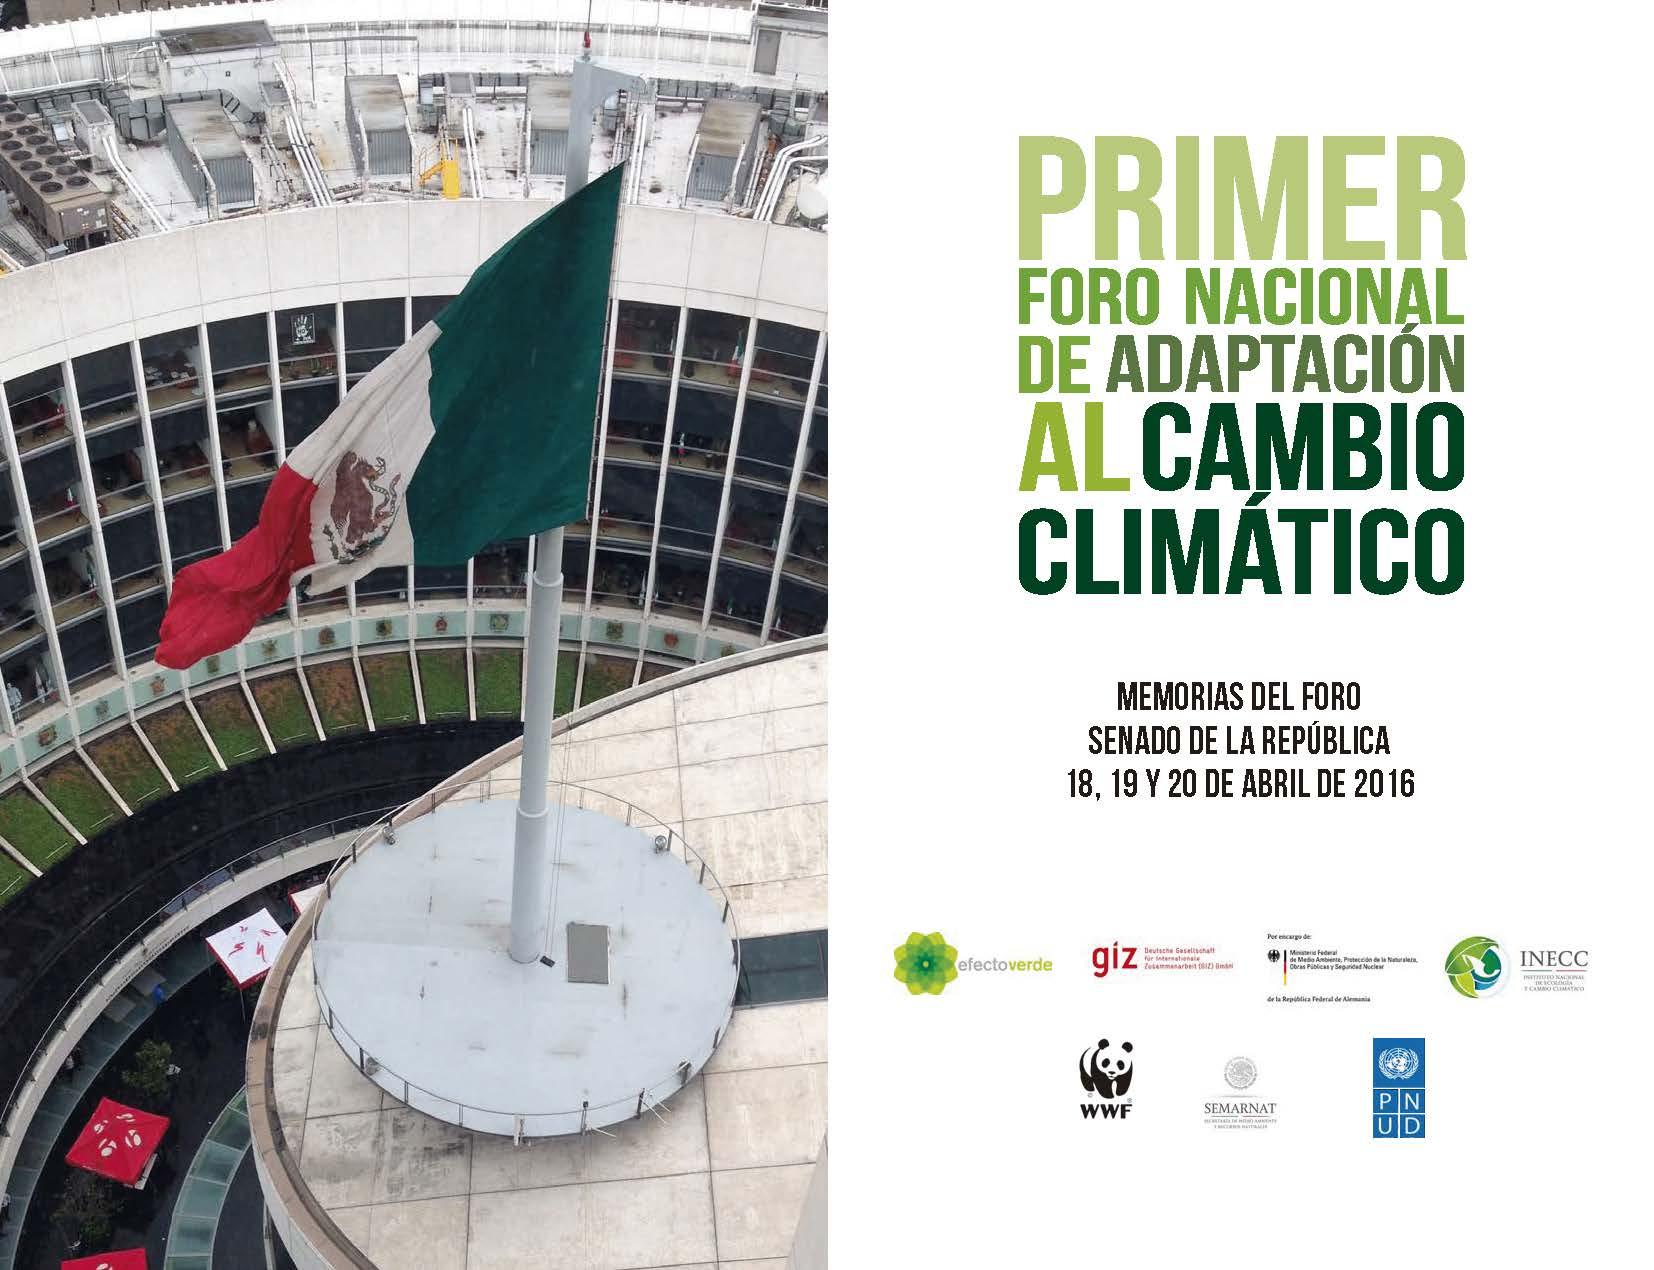 Memorias del Primer Foro Nacional de Adaptación al Cambio Climático 2016